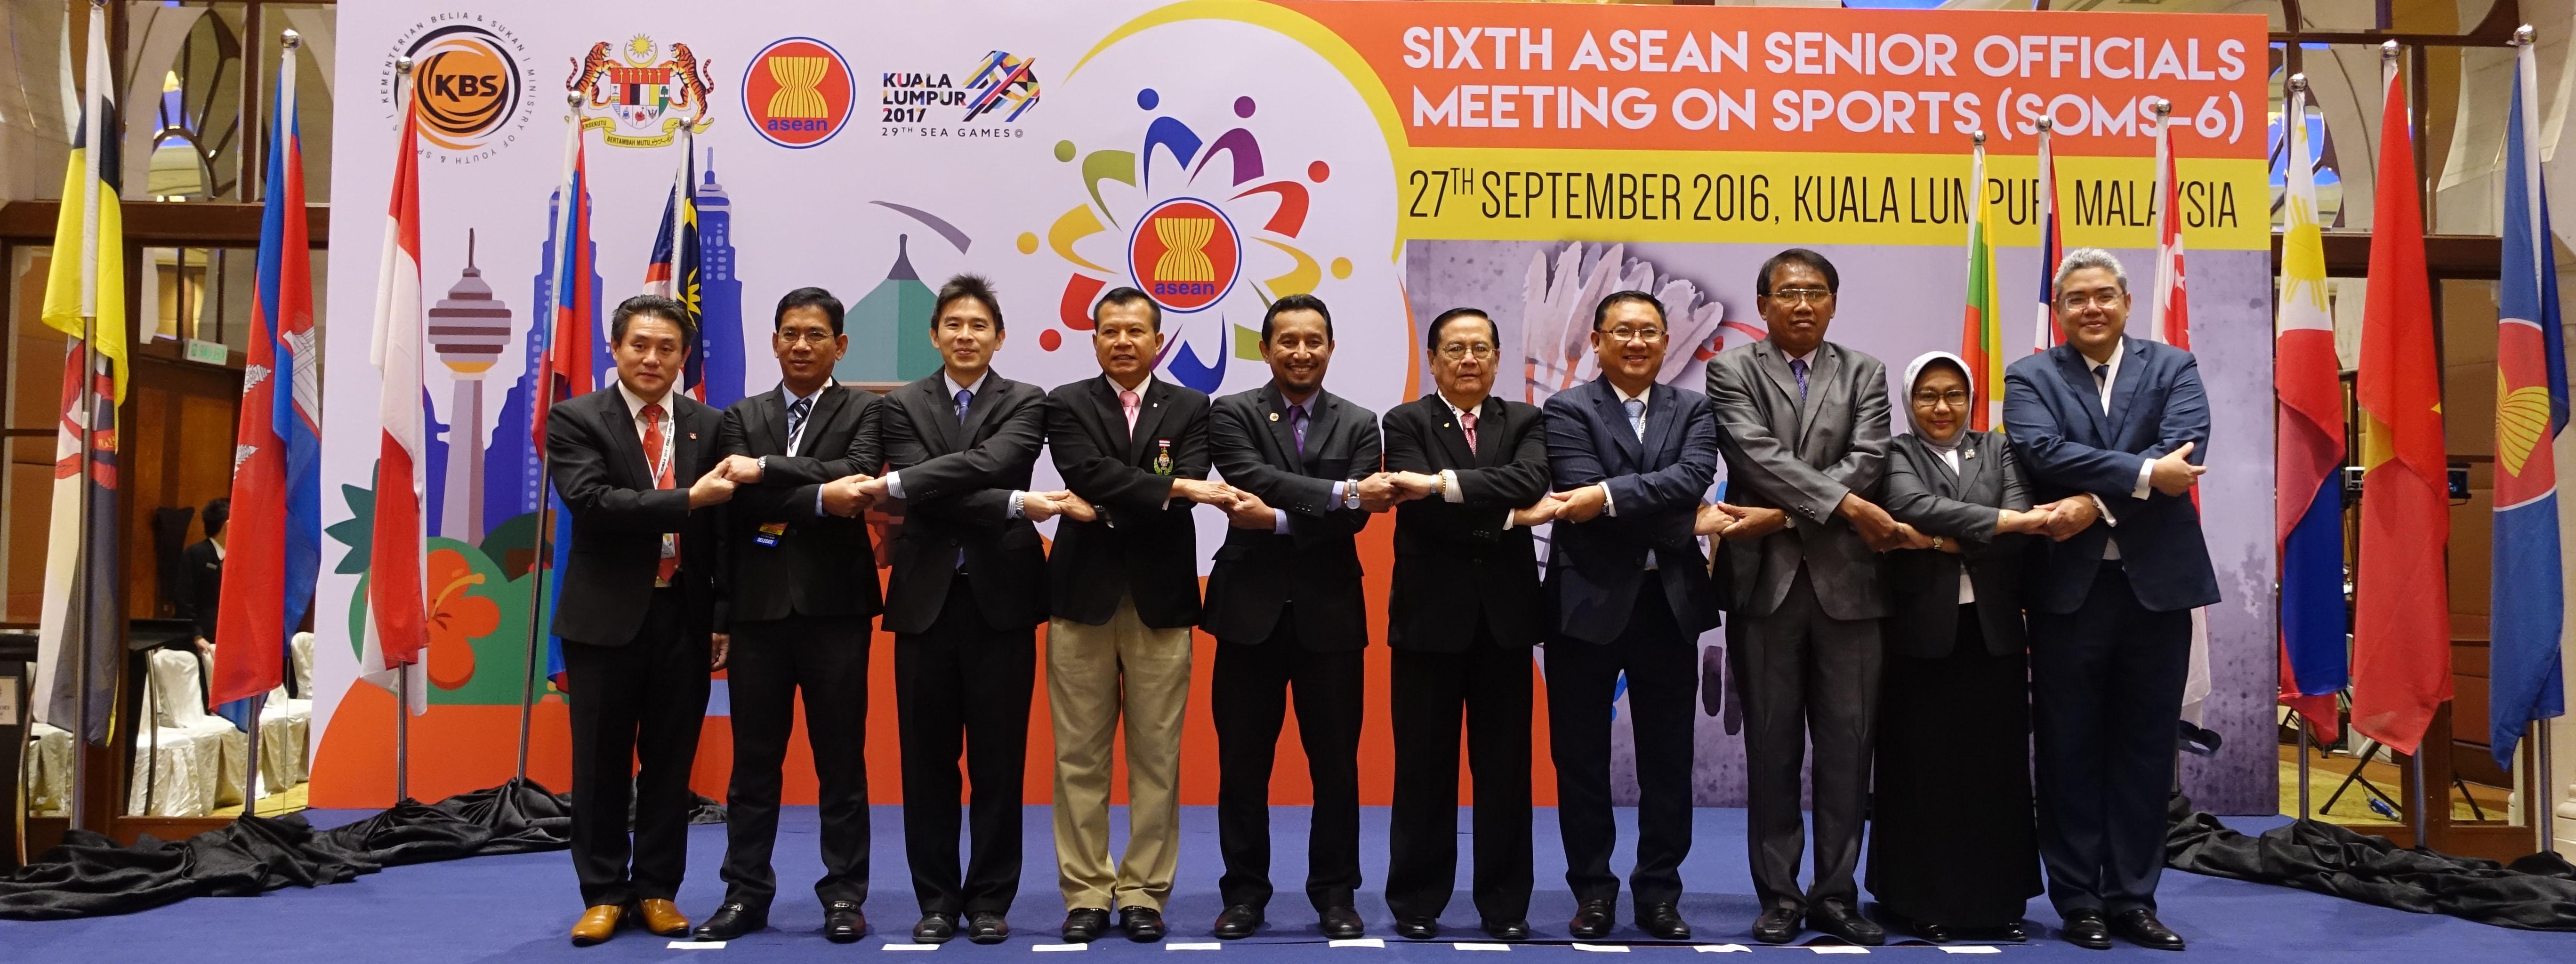 อาเซียนผลักดัน '8 สิงหาฯ' เป็นวันกีฬาของอาเซียน